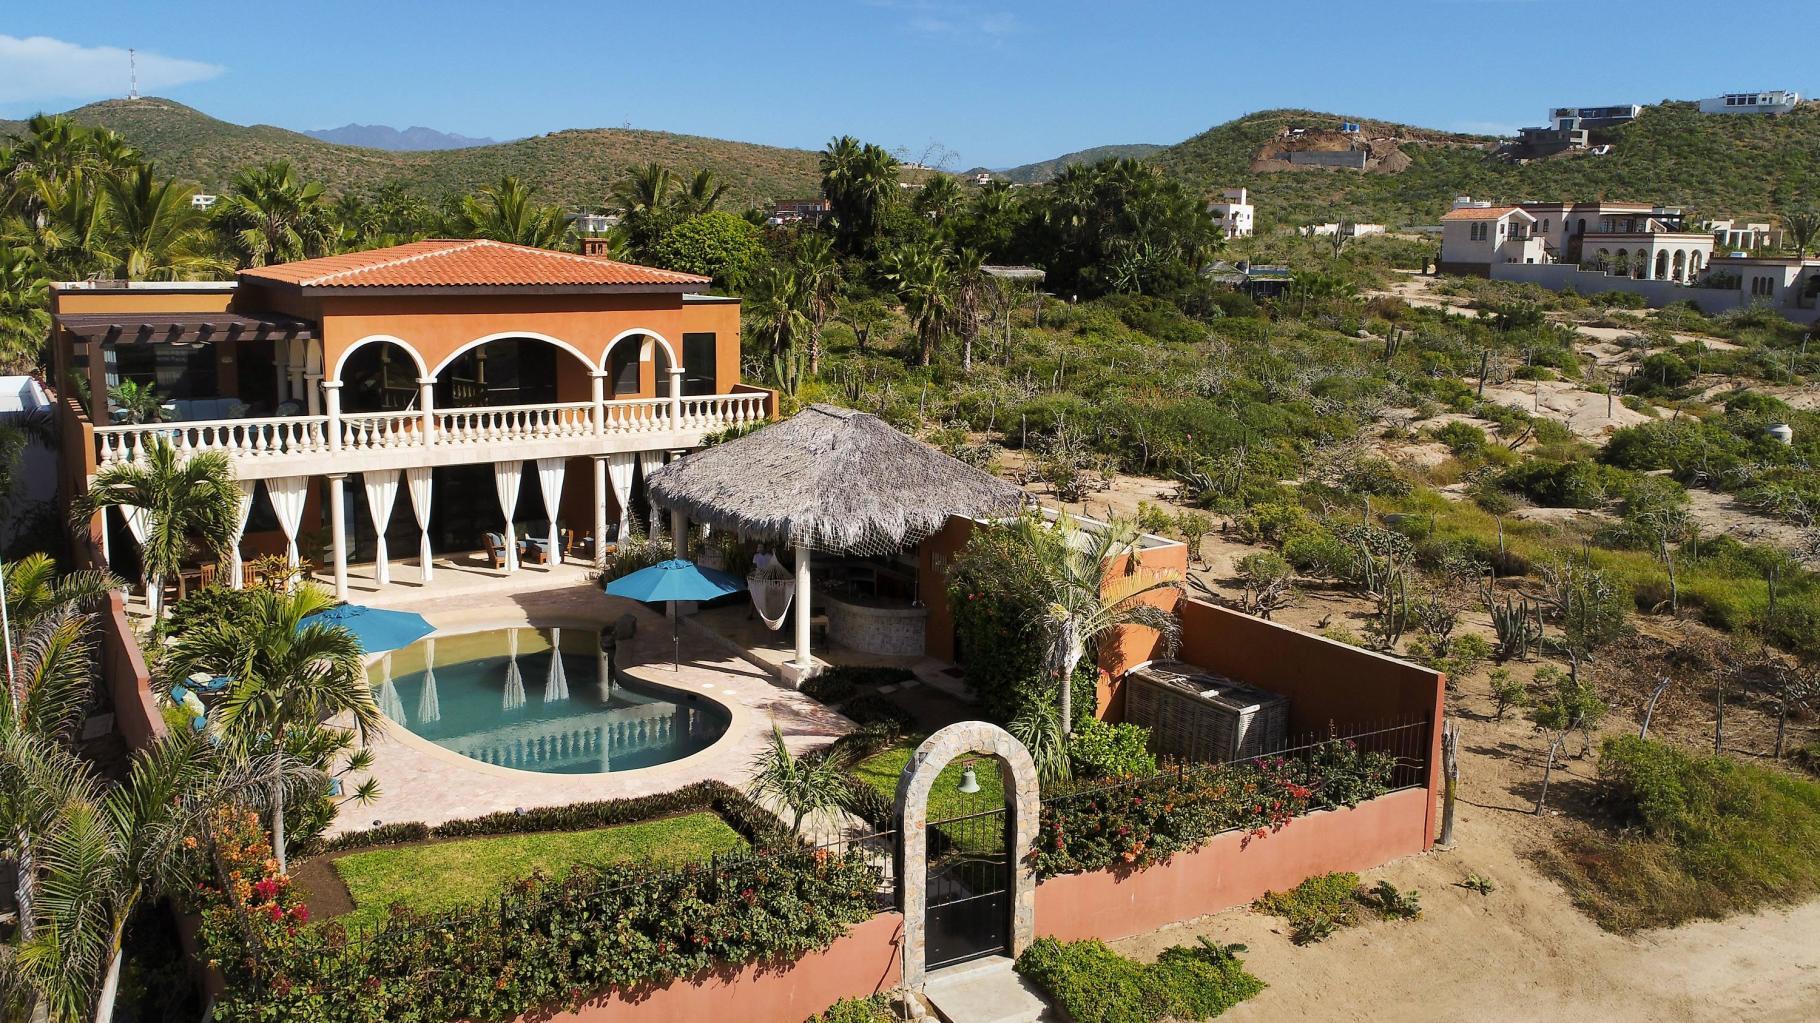 Villa Ventanas